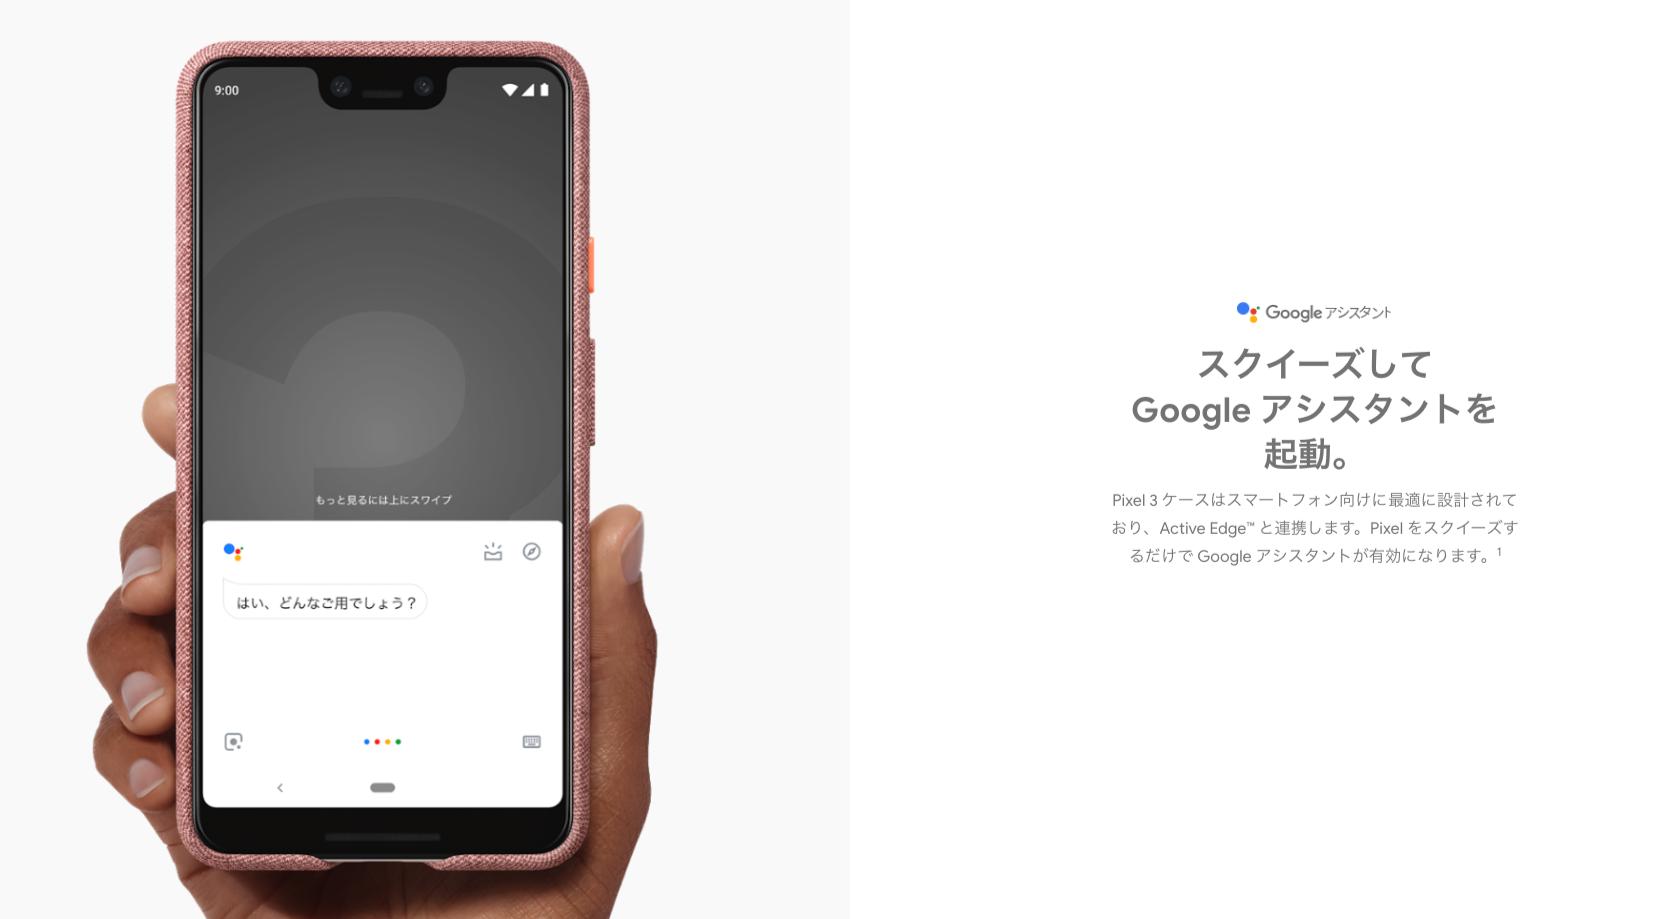 「Pixel 3」と「Pixel 3 XL」の専用ケースは握る操作に対応しています。